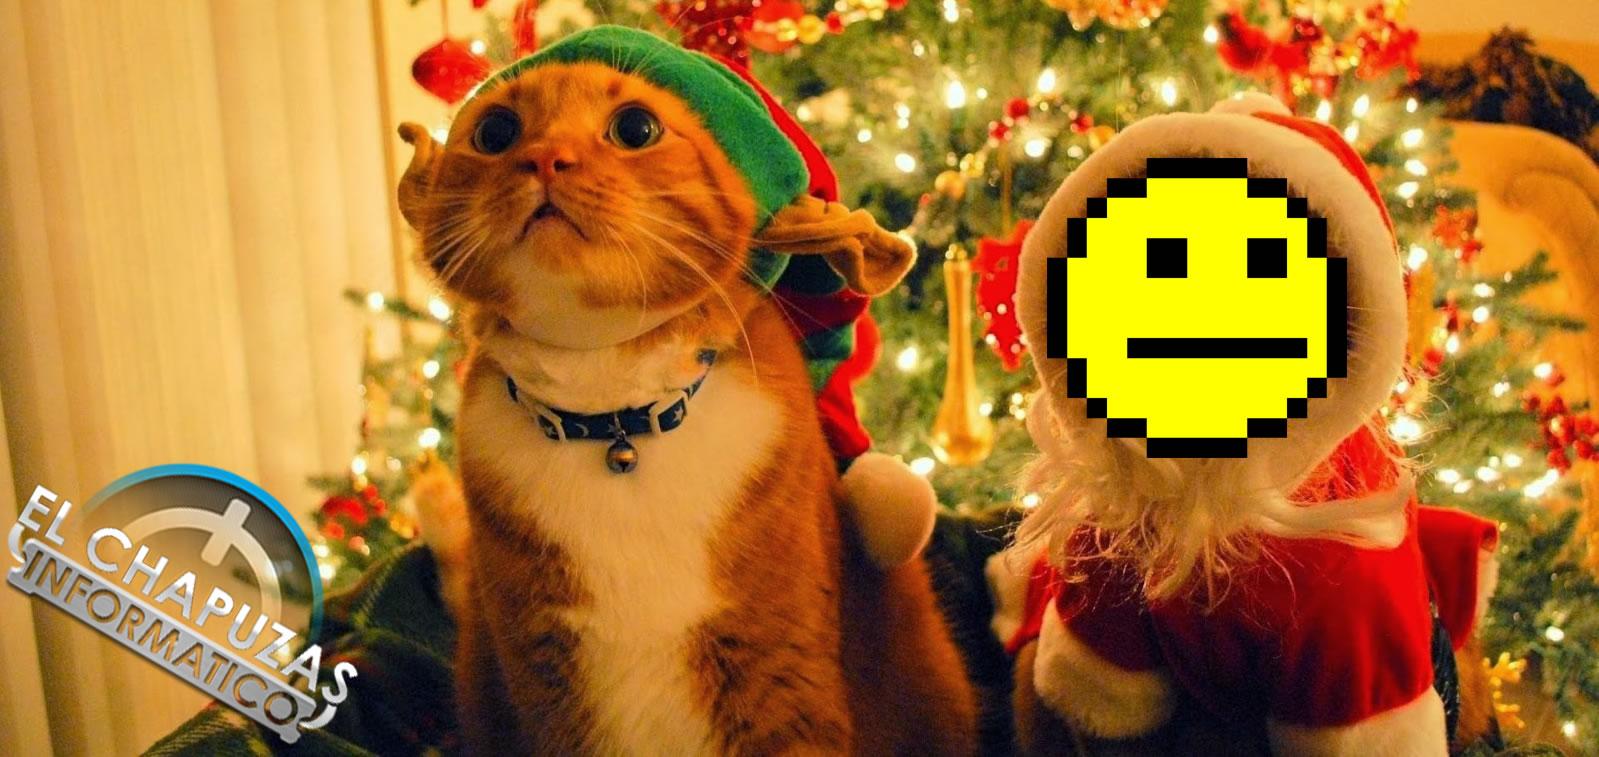 Desde El Chapuzas Informático os deseamos una Feliz Navidad